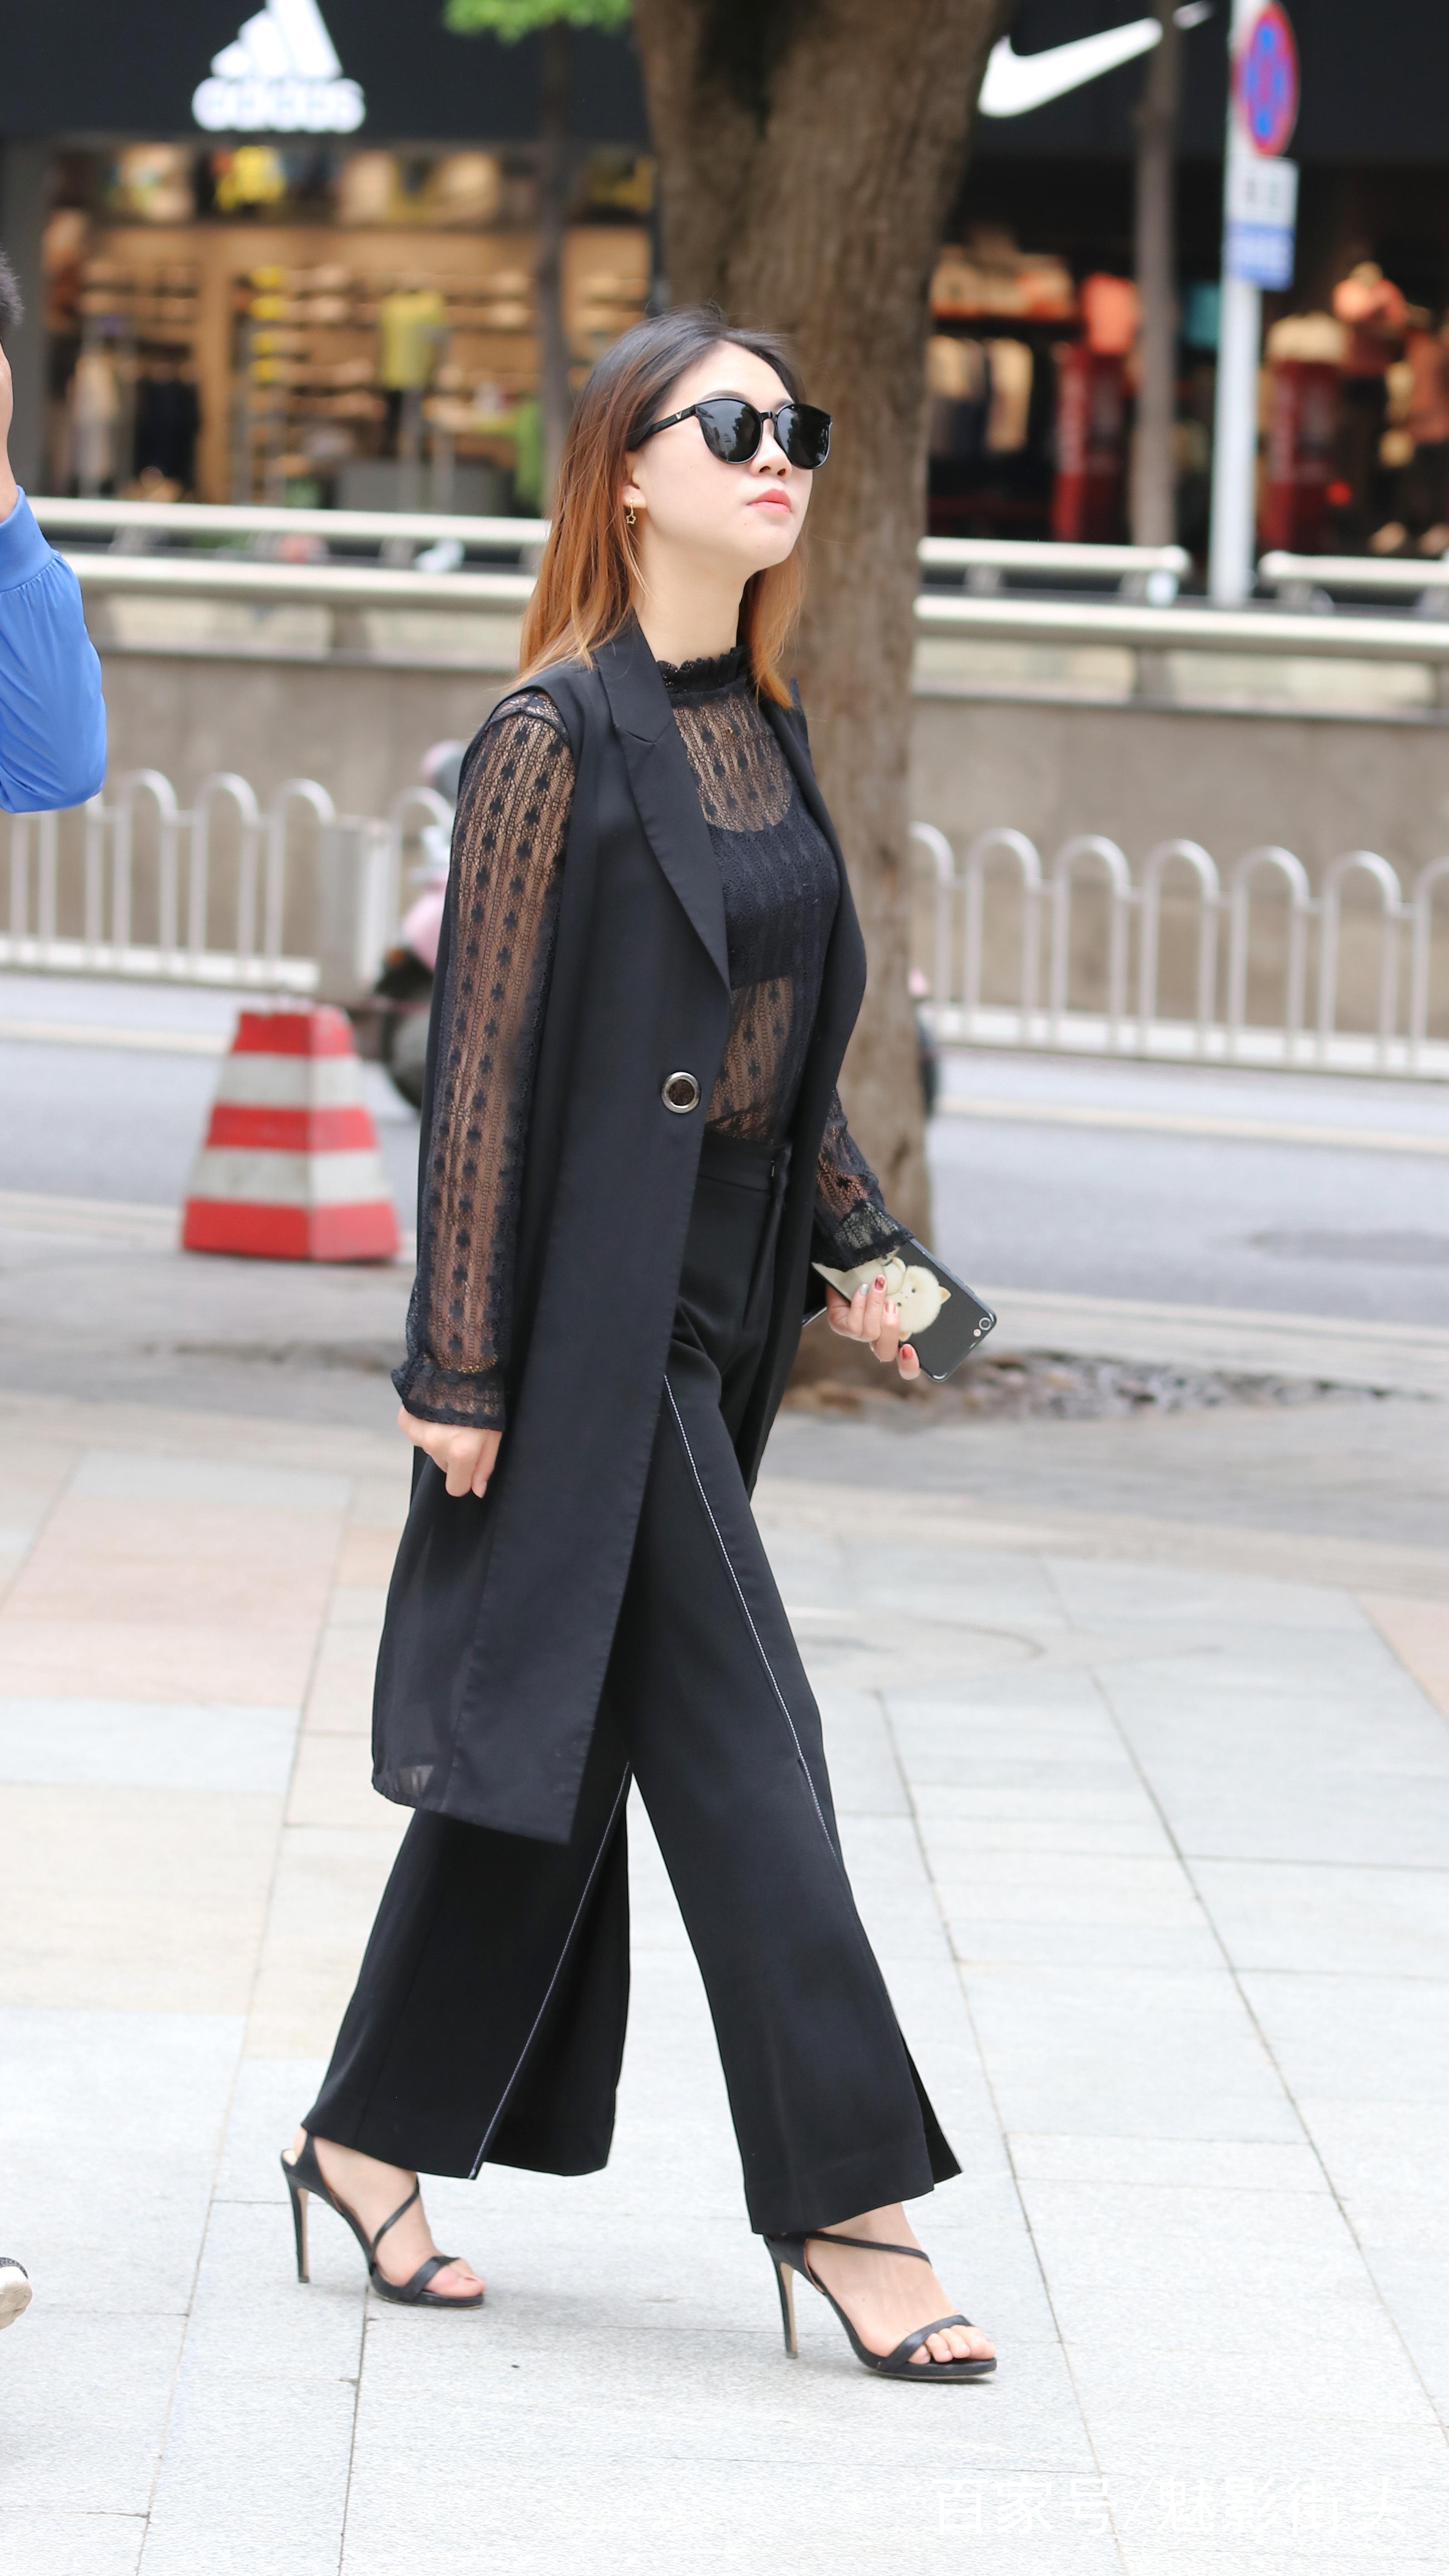 街拍:美女全身黑色系的穿搭,墨镜遮脸气场强大,轻熟气息遮不住